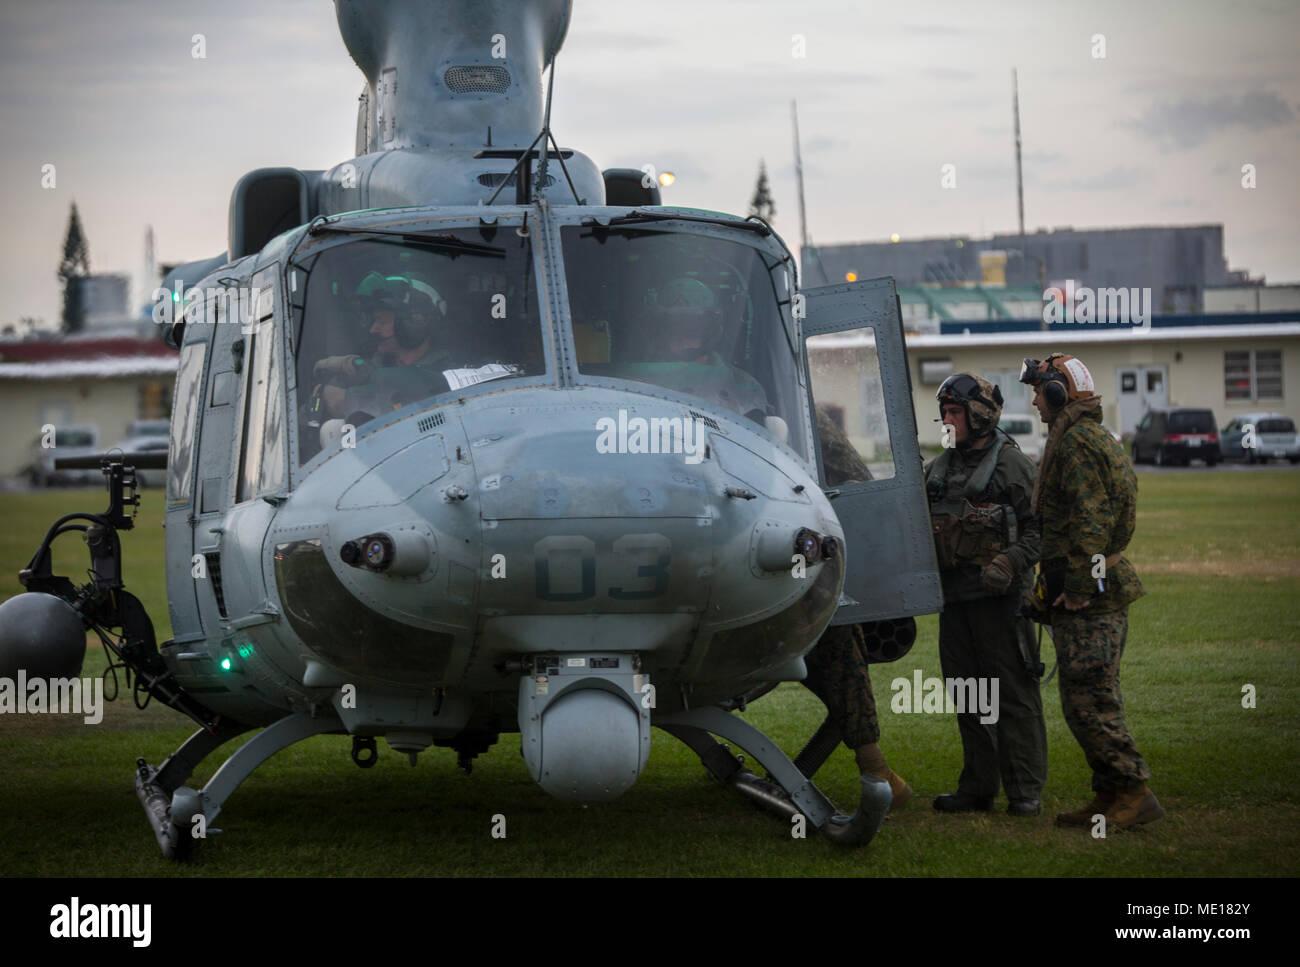 """Eine Crew Chief boards Passagiere auf eine UH-1Y Venom im Camp Foster, Okinawa, Japan, 15. Dezember 2017. Marine Light Attack Helicopter Squadron 369 vorgesehenen Generalleutnant Brian D. Beaudreault, stellvertretender Kommandant von Plänen, Politiken und Operationen, ein Flug um die Präfektur Okinawa die Servicequalität des Marine Corps chowhalls zu bewerten. Die """"gunfighters"""" """"Bereitschaft, kurzfristig zu handeln ist entscheidend für die Aufrechterhaltung einer stärkeren, mehr in der Lage, eingesetzt in der Indo-Asia-Pazifik-Region. HMLA-369, Marine Flugzeuge Gruppe 39, 3. Marine Flugzeugflügel, wird derzeit unter bereitgestellt Stockfoto"""